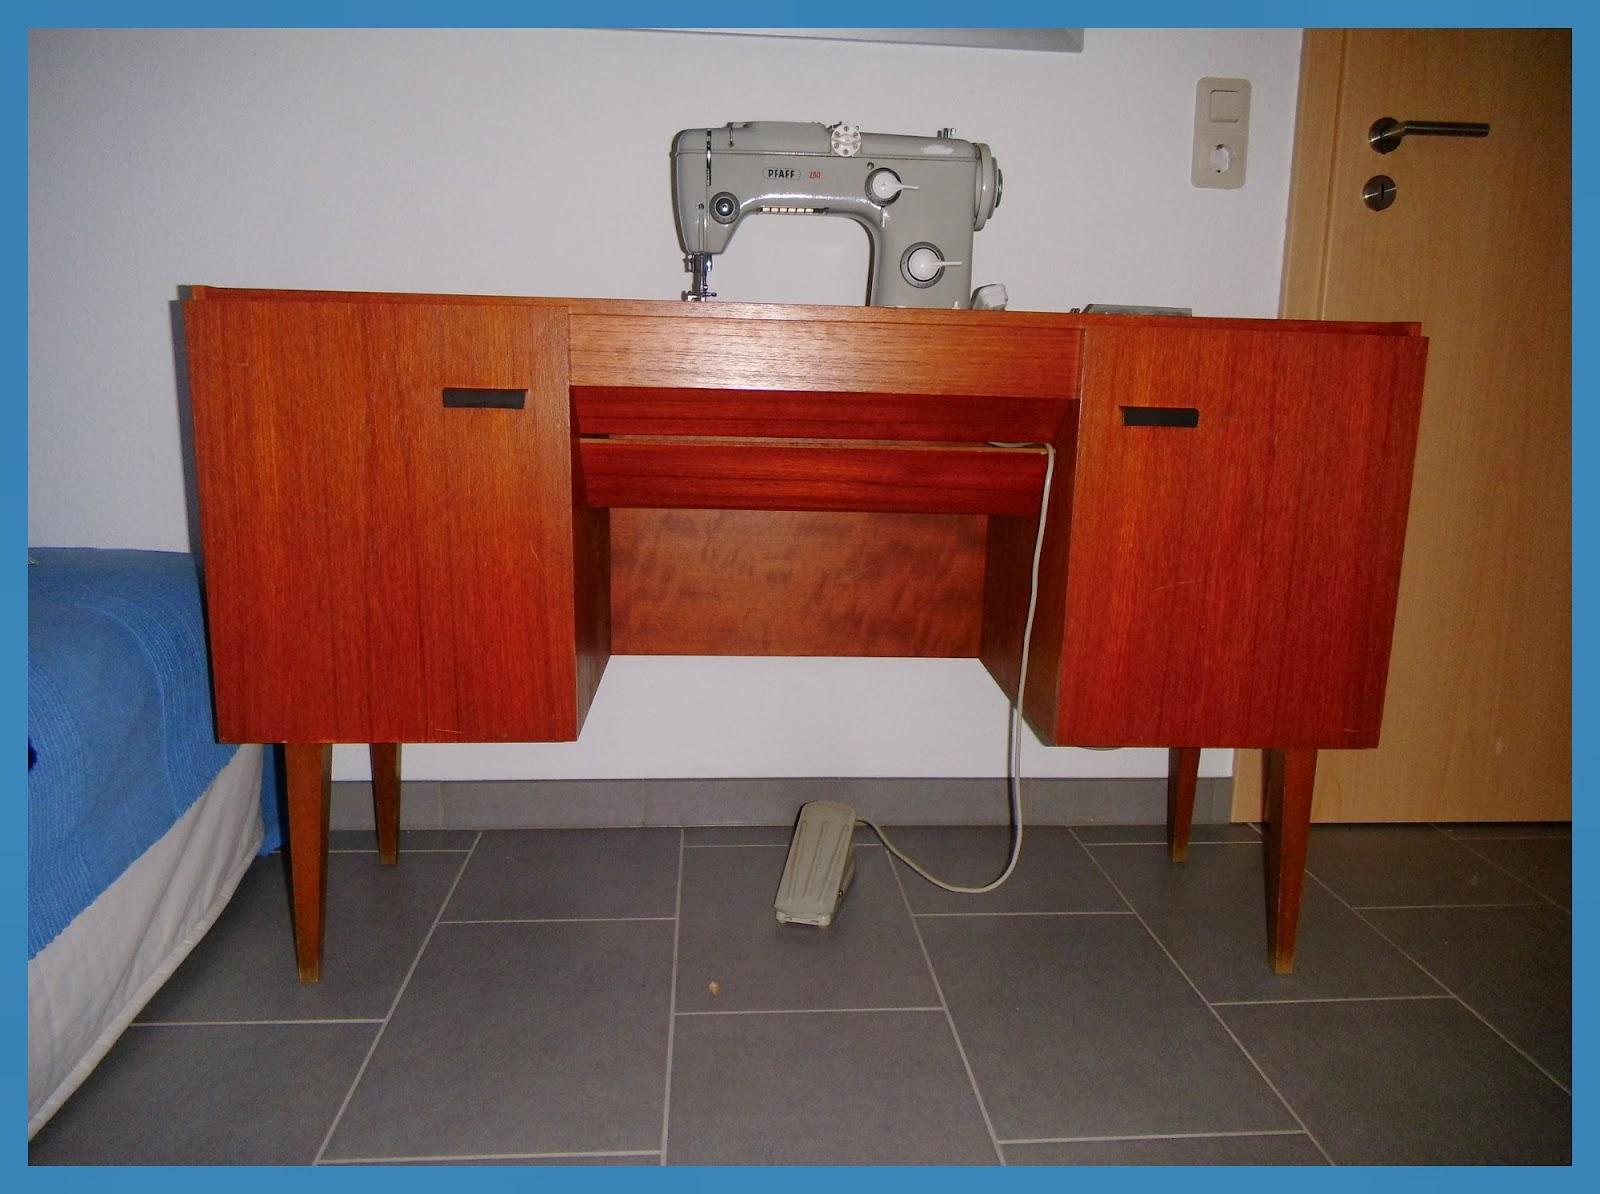 http://kleinanzeigen.ebay.de/anzeigen/s-anzeige/pfaff-naehtisch-naehschrank-fuer-260,-230-ohne-naehmaschine/171390209-282-4750?ref=search